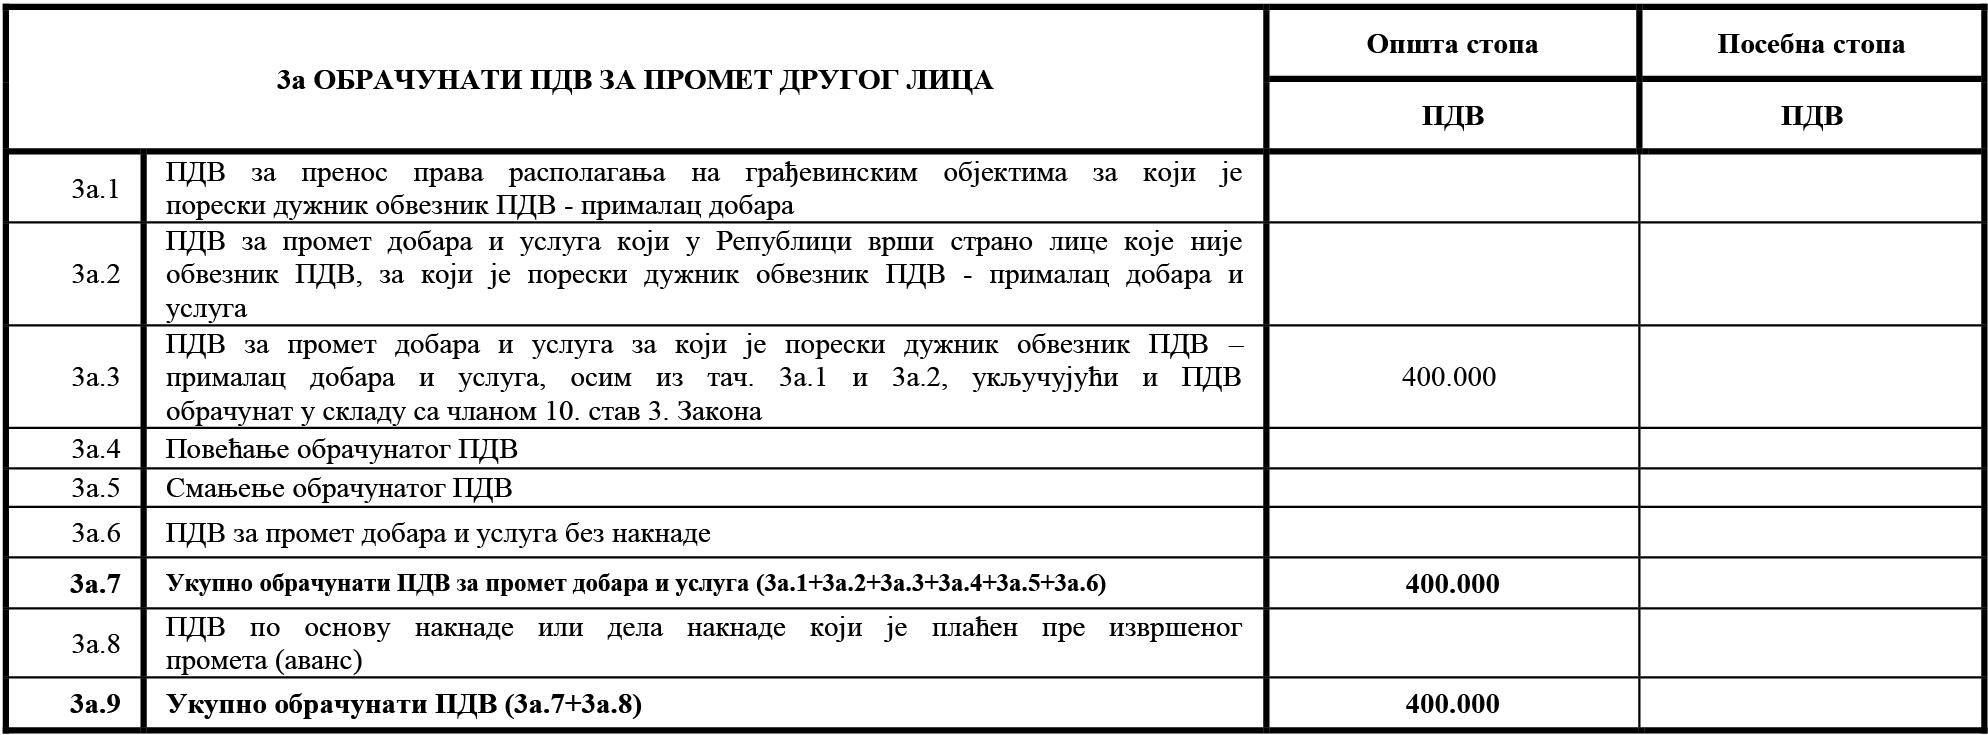 uputstvo PU obrazac POPDV primer 67